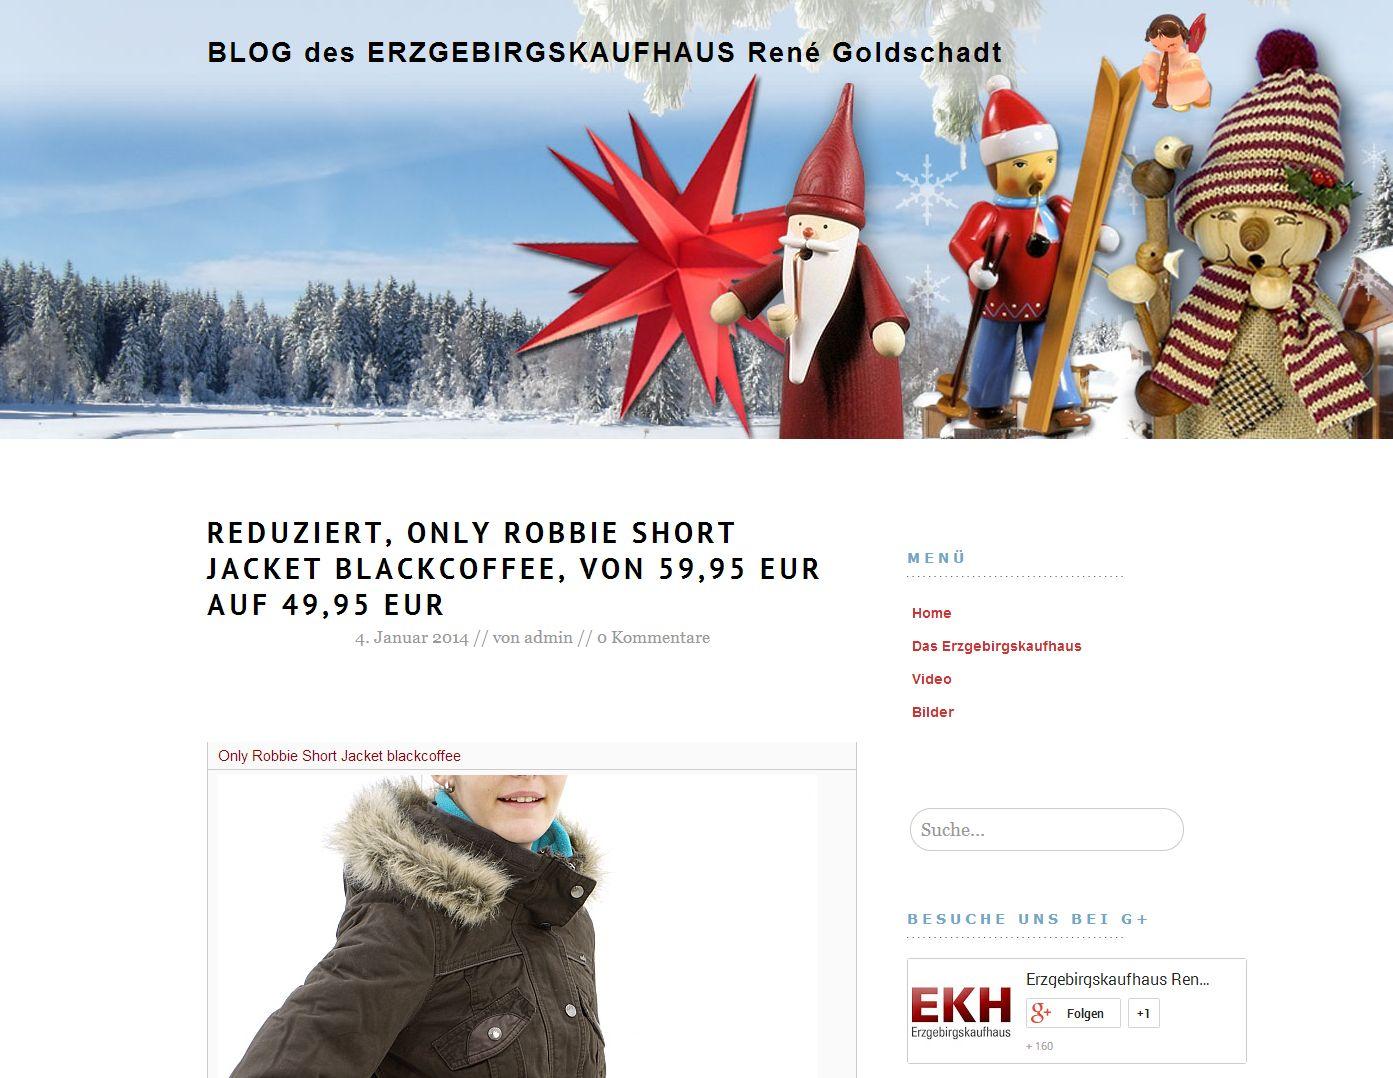 2014 Blog des Erzgebirgskaufhaus